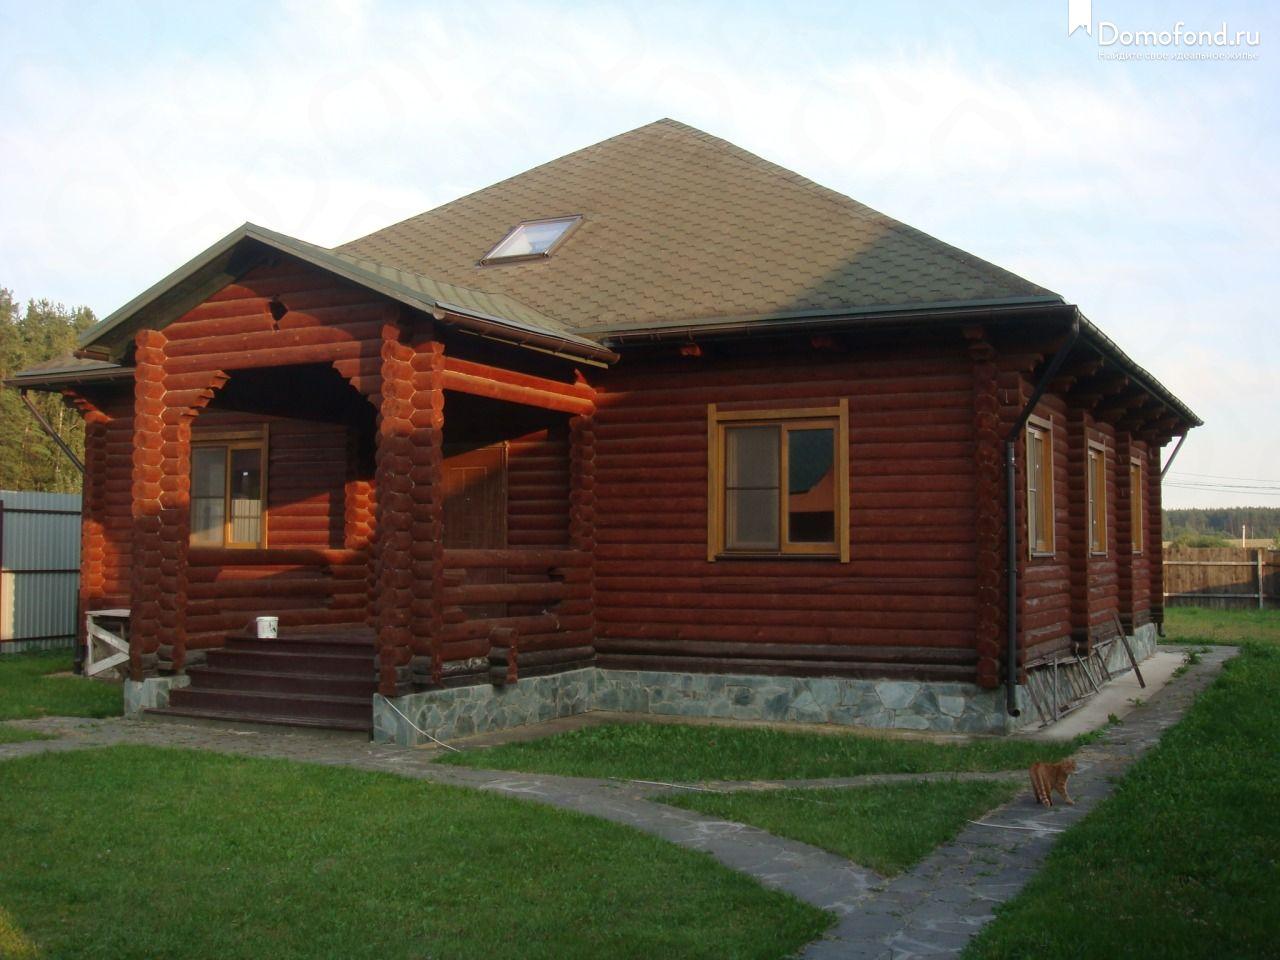 Купить частный дом в москве недорого дом престарелых в тамбовской области отзывы